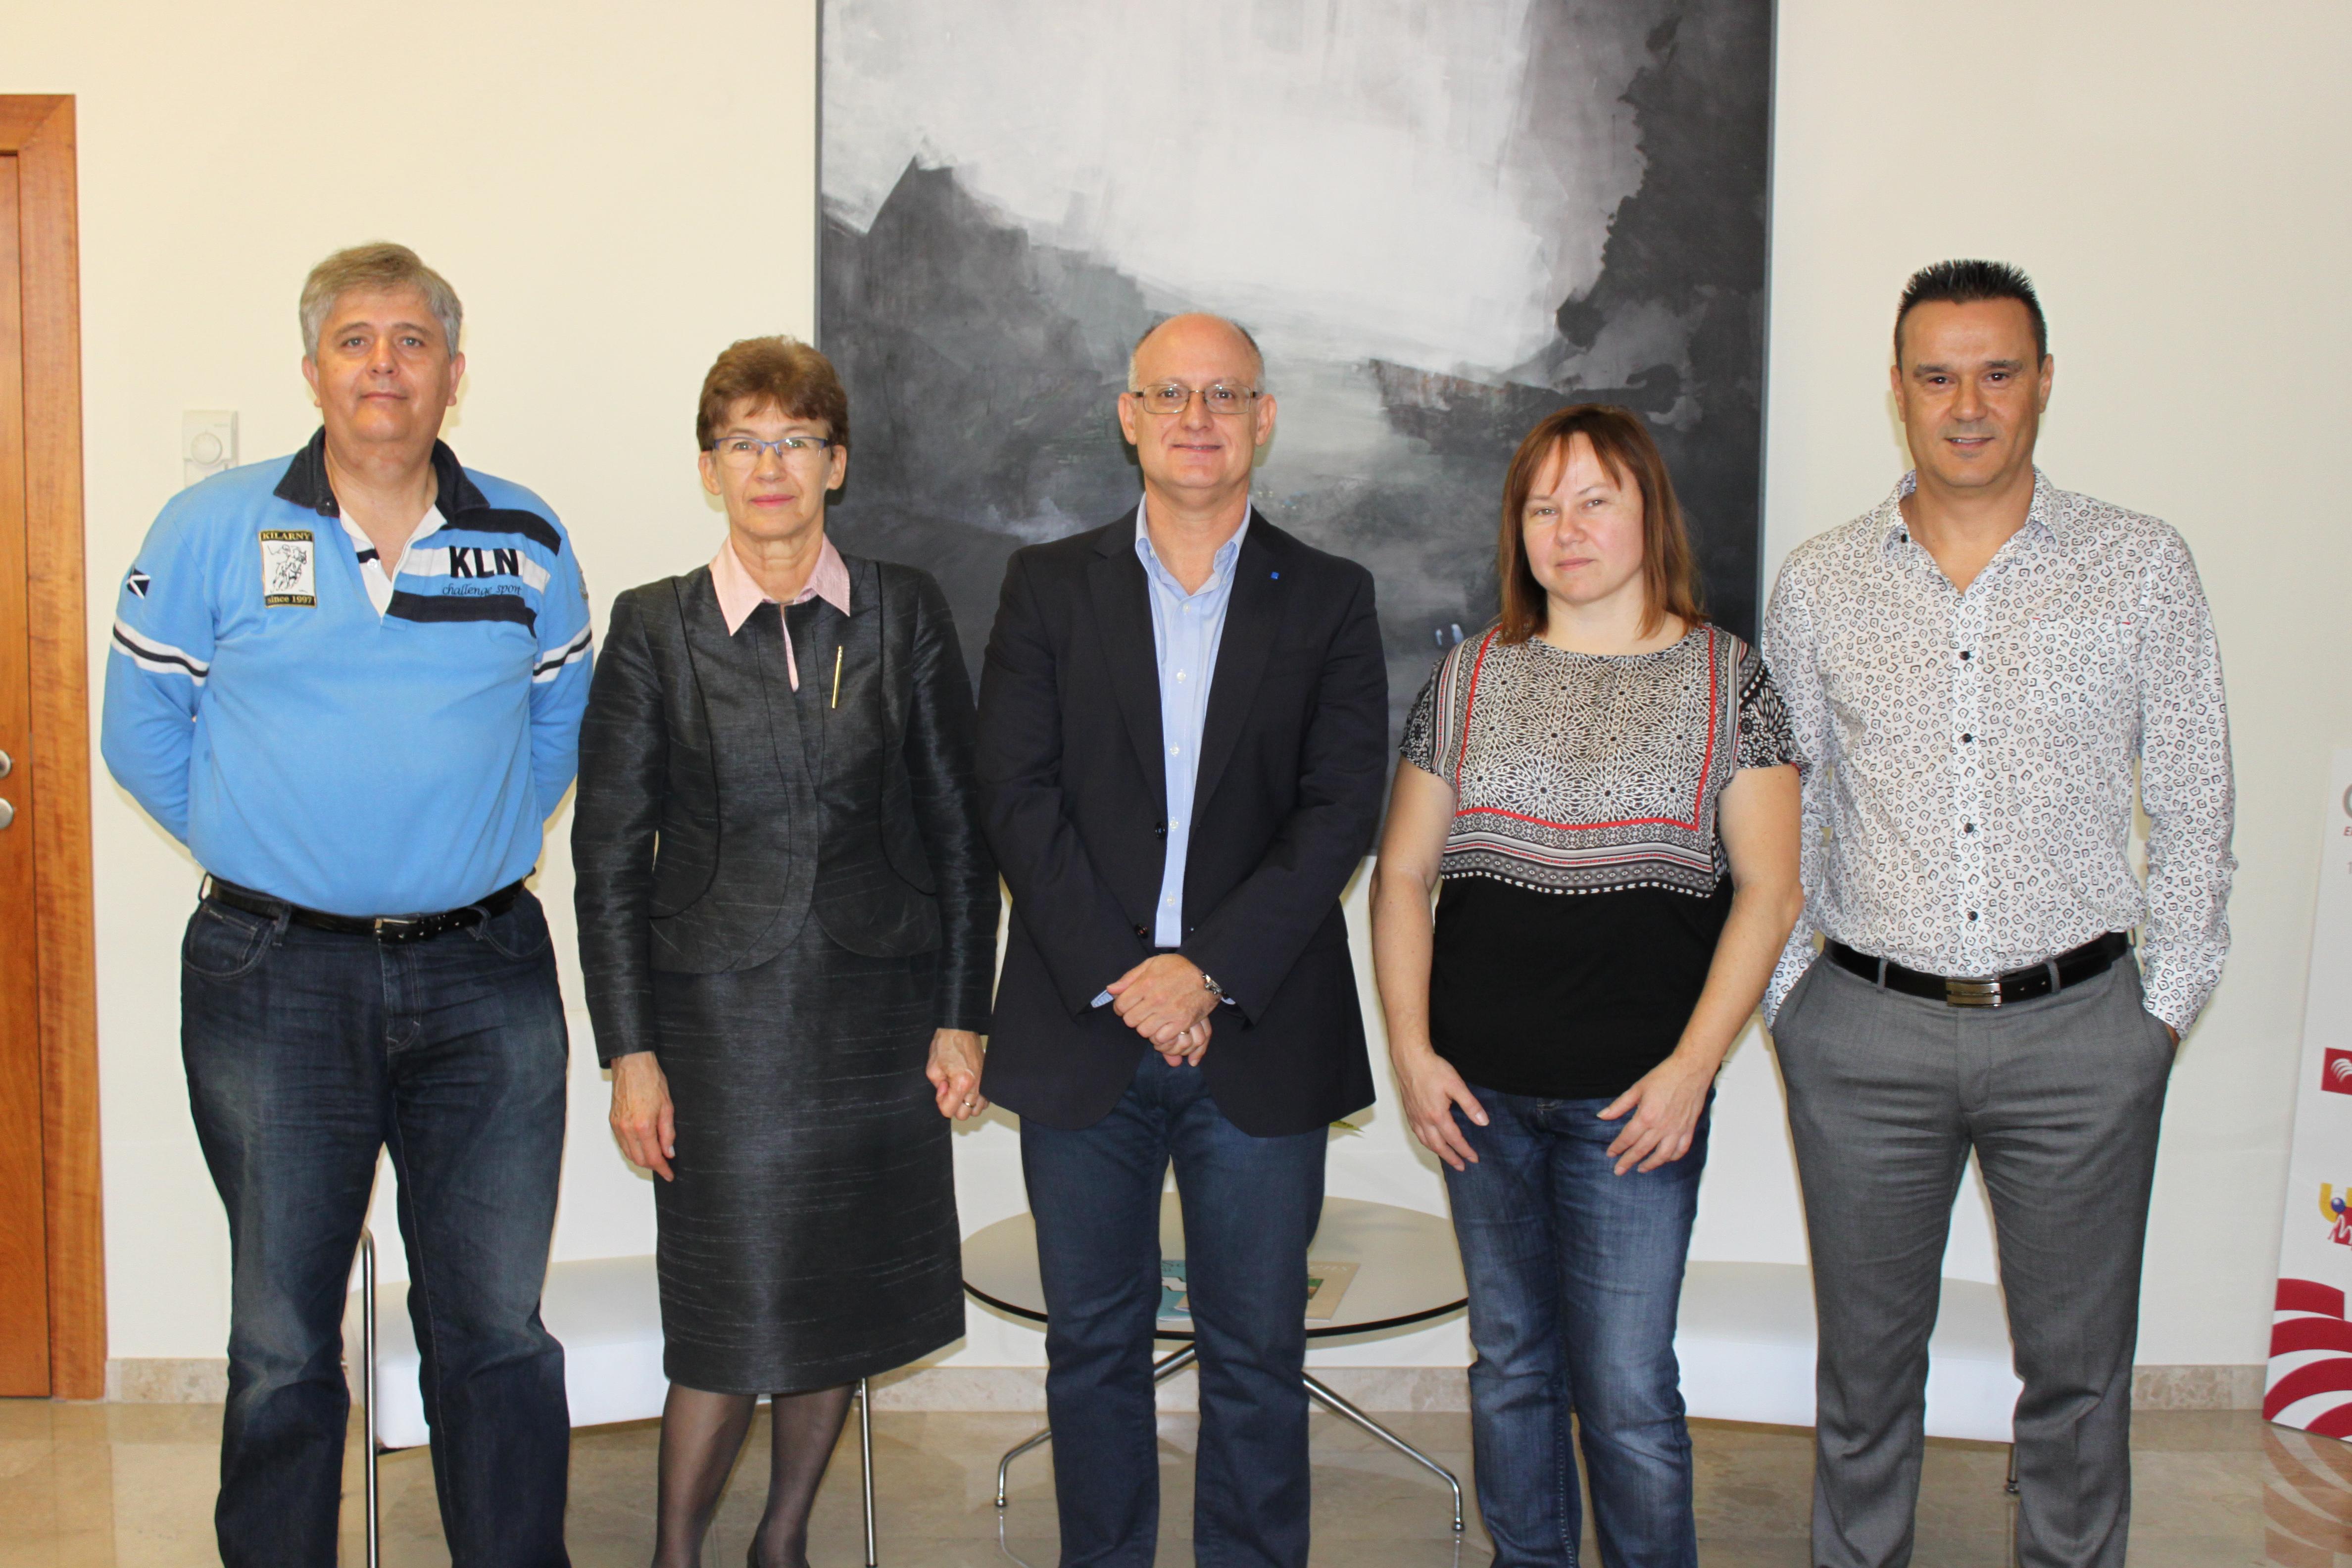 Miembros de la delegación de la Universidad Tecnológica de Kaunas (Lituania) se reúnen con el Vicerrector de Relaciones Internacionales de la UMH